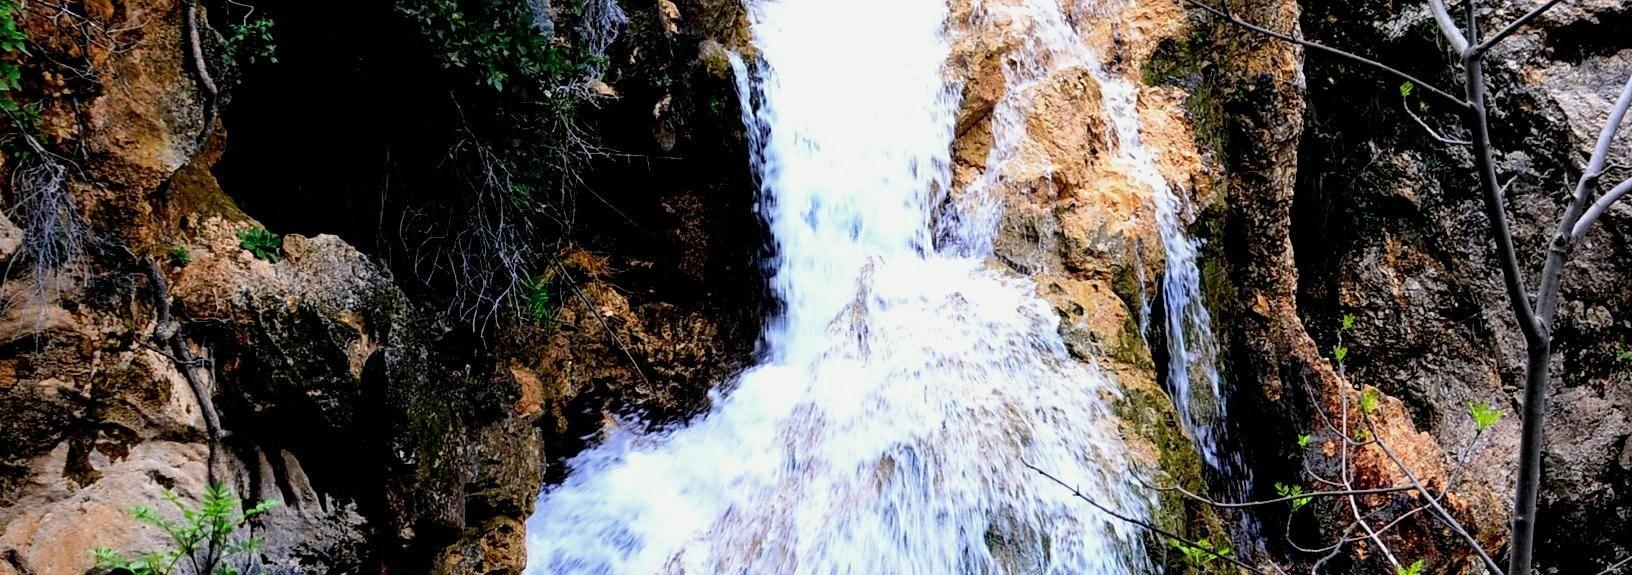 Parque Natural de las Sierras de Cazorla, Segura y Las Villas, Andaluzia, Espanha